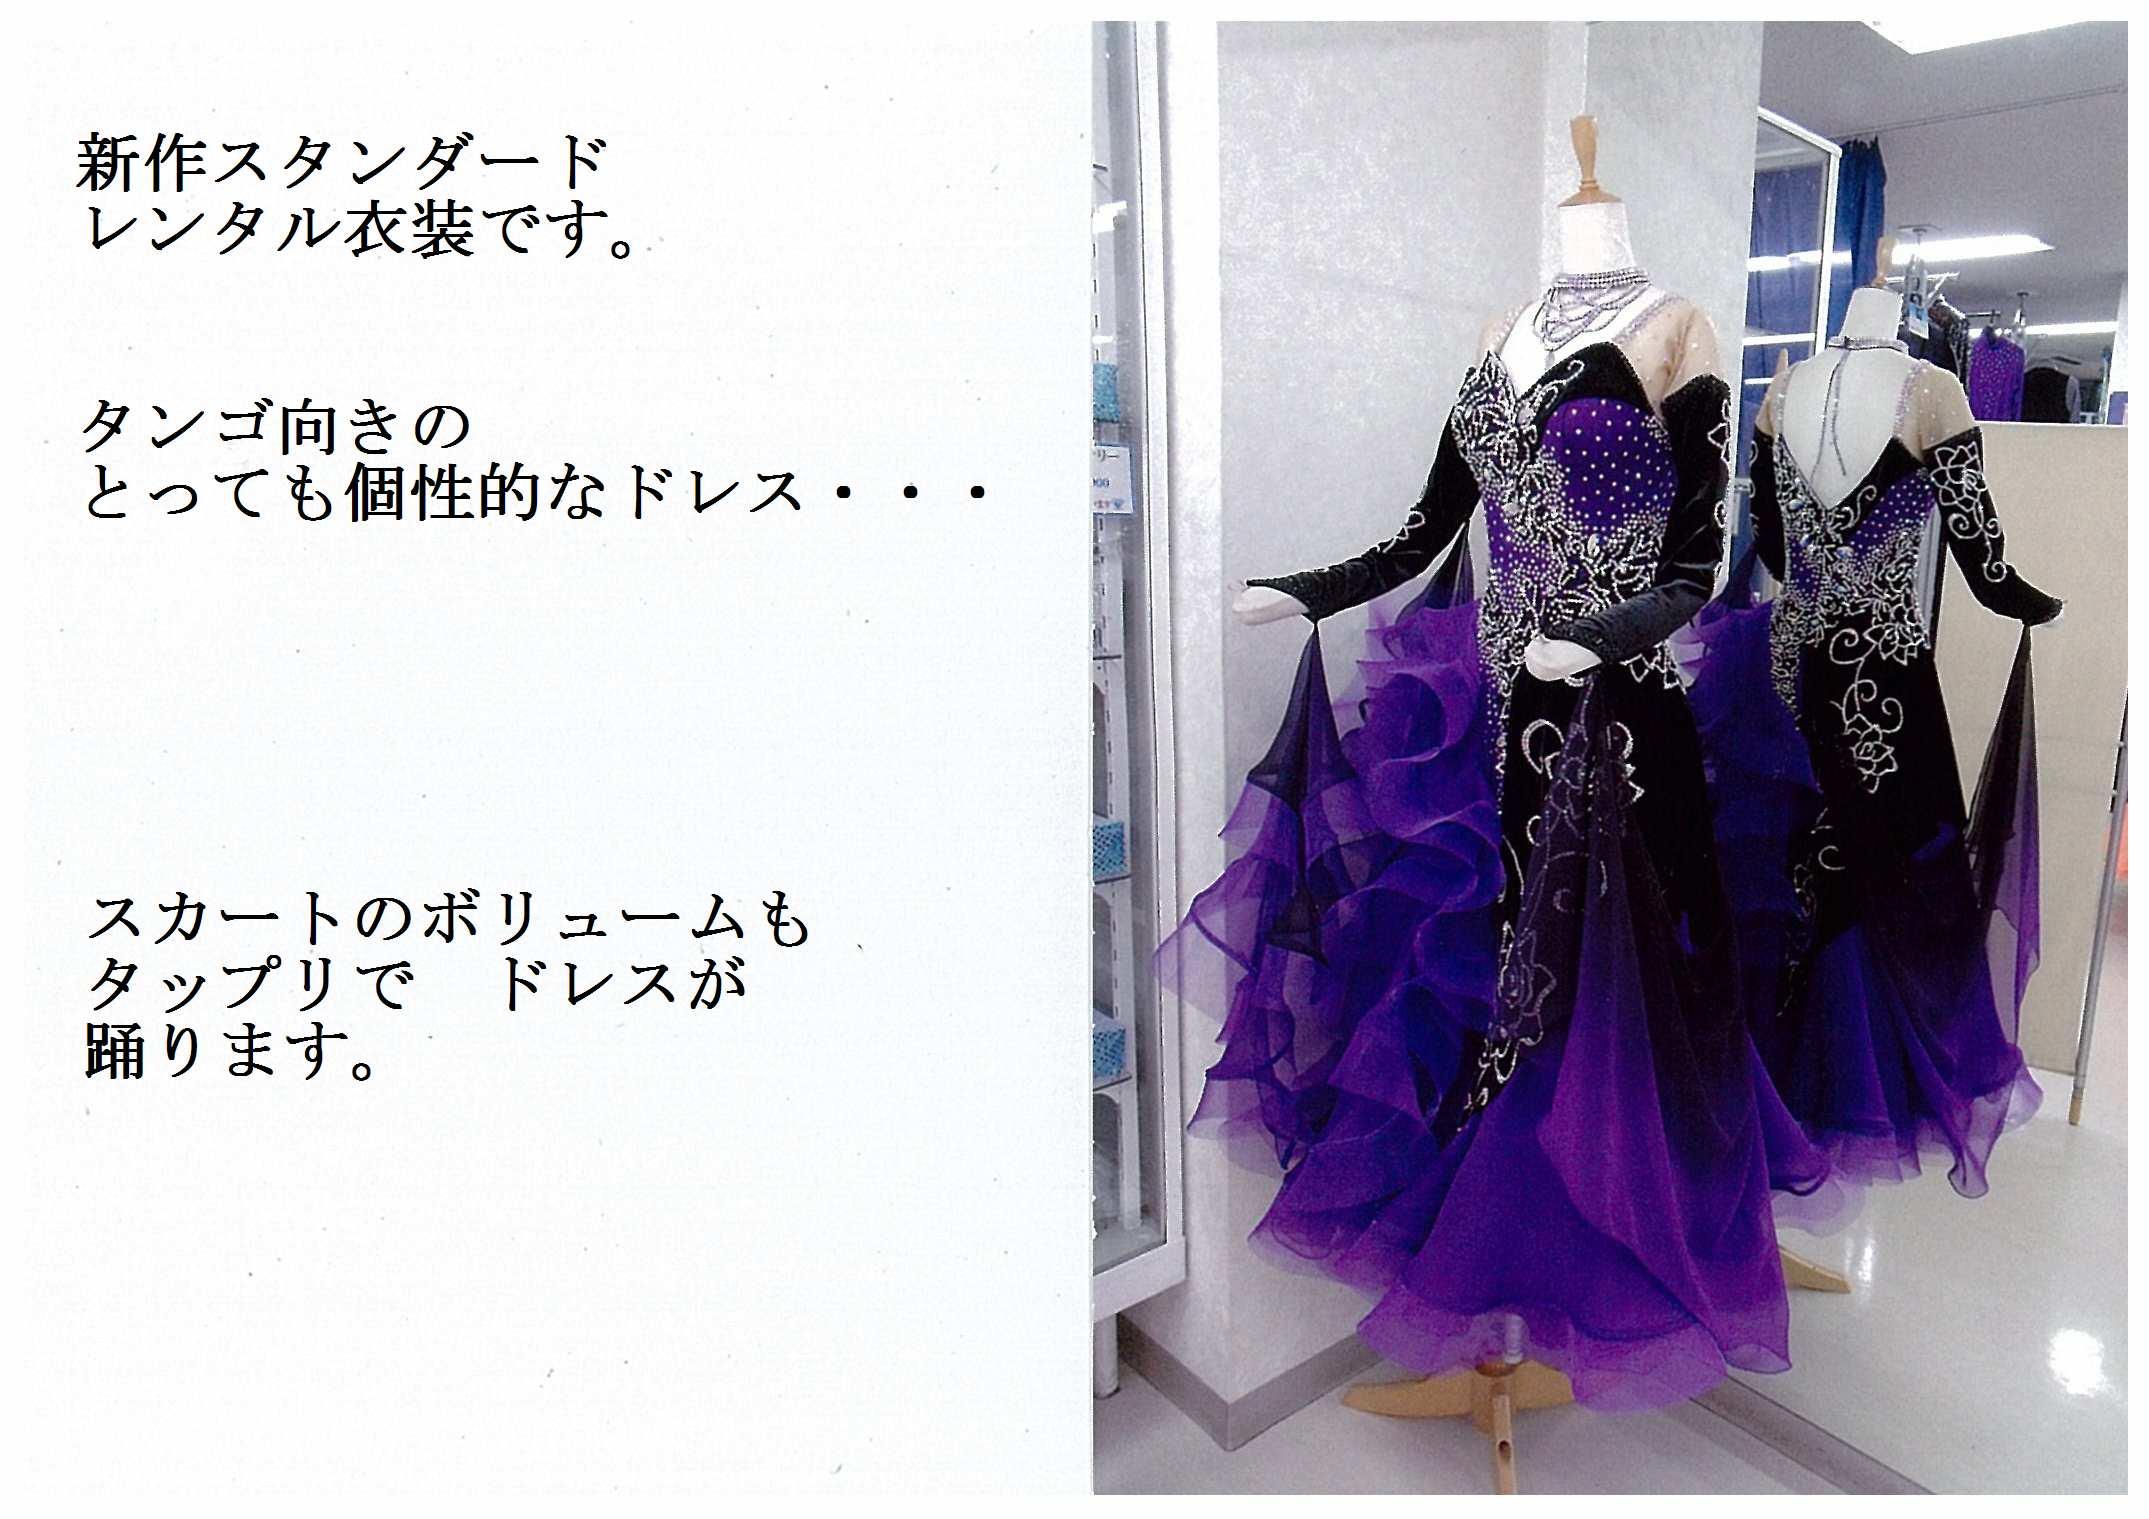 新作スタンダードレンタル衣装 タンゴ向きの個性的なドレス スカートのボリュームもタップリでドレスが踊ります